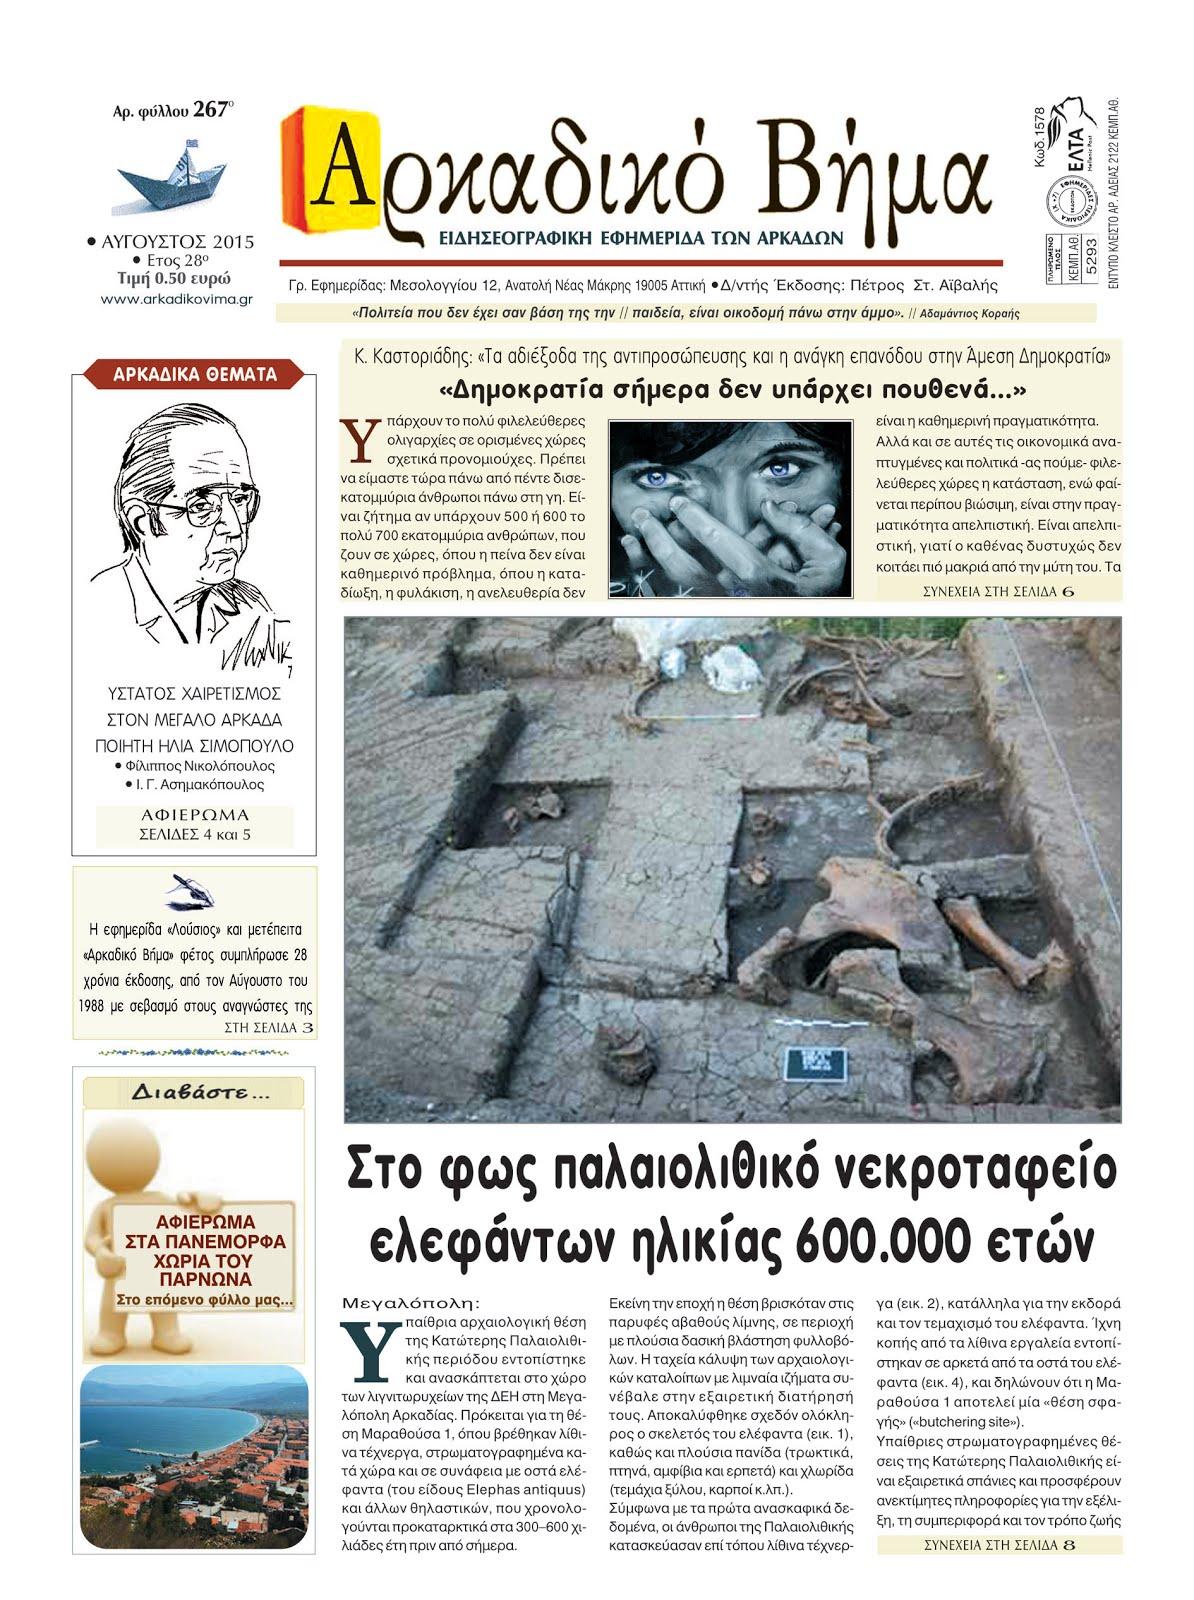 """""""Στο φως παλαιολιθικό νεκροταφείο στη Μεγαλόπολη, ελεφάντων ηλικίας 600.000 ετών"""""""